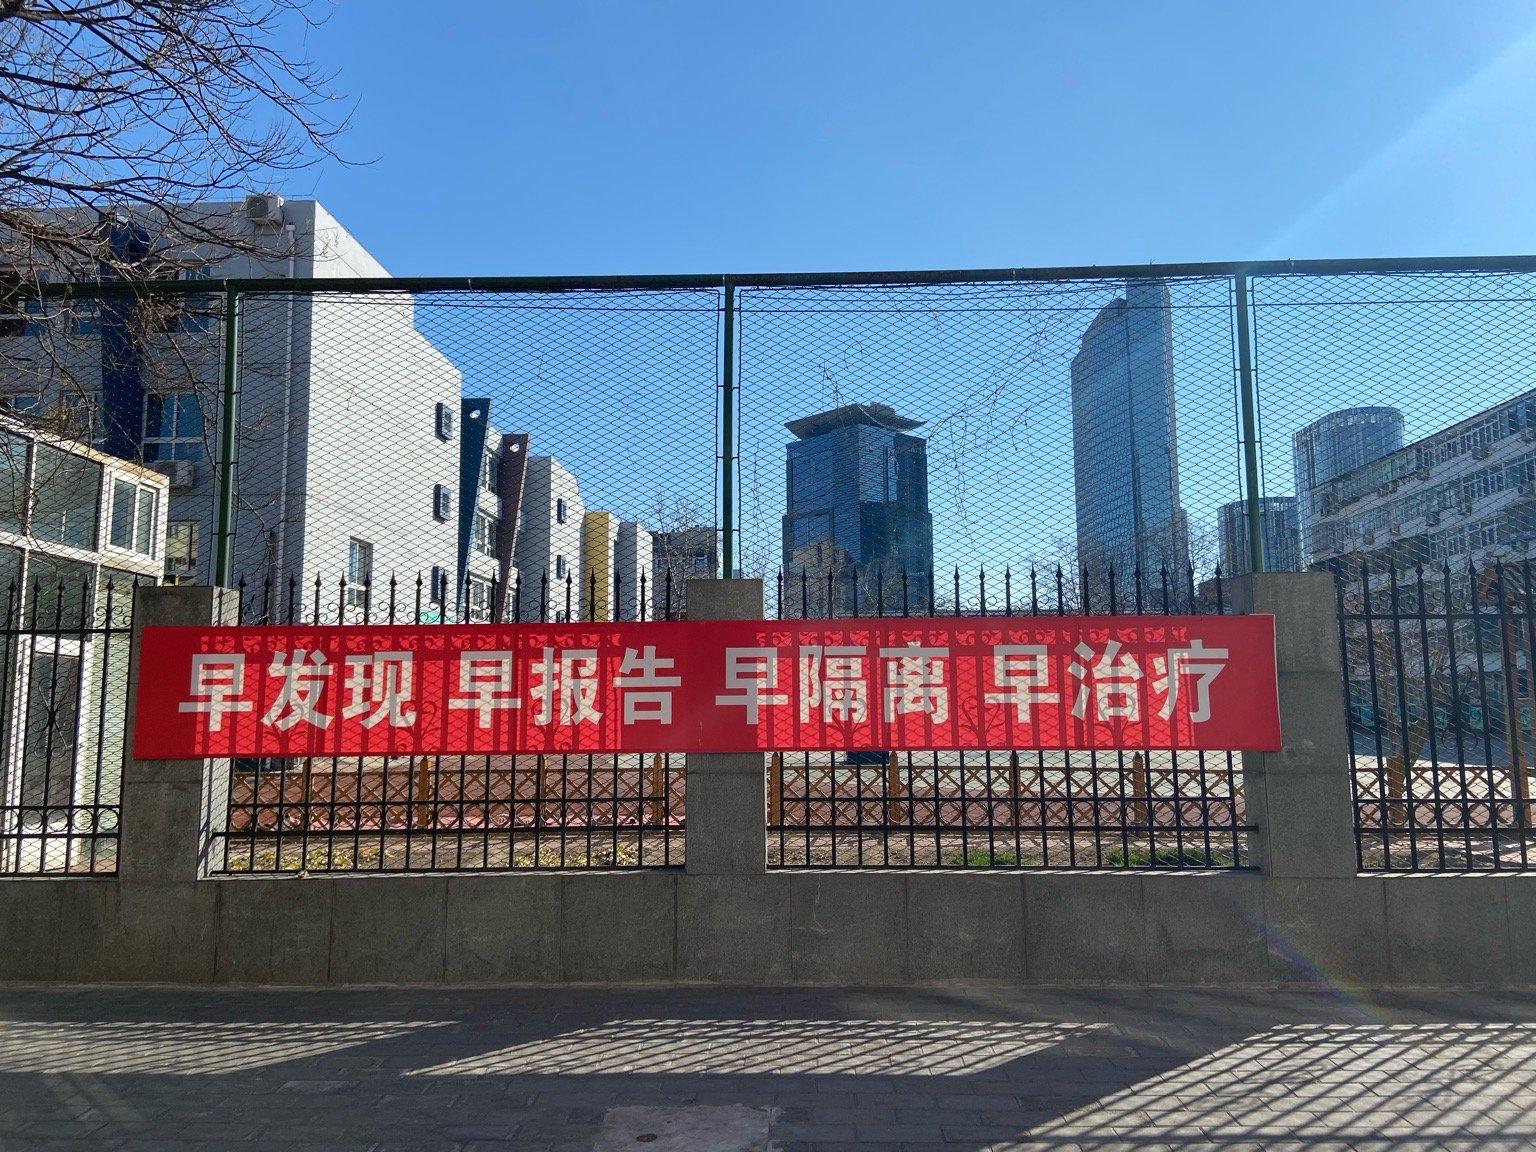 因疫情嚴重,北京大中小學都沒有開學,學校大門緊閉,校門口都貼出告示,開學時間另行通知,所有學生在家上網課。(受訪者提供)